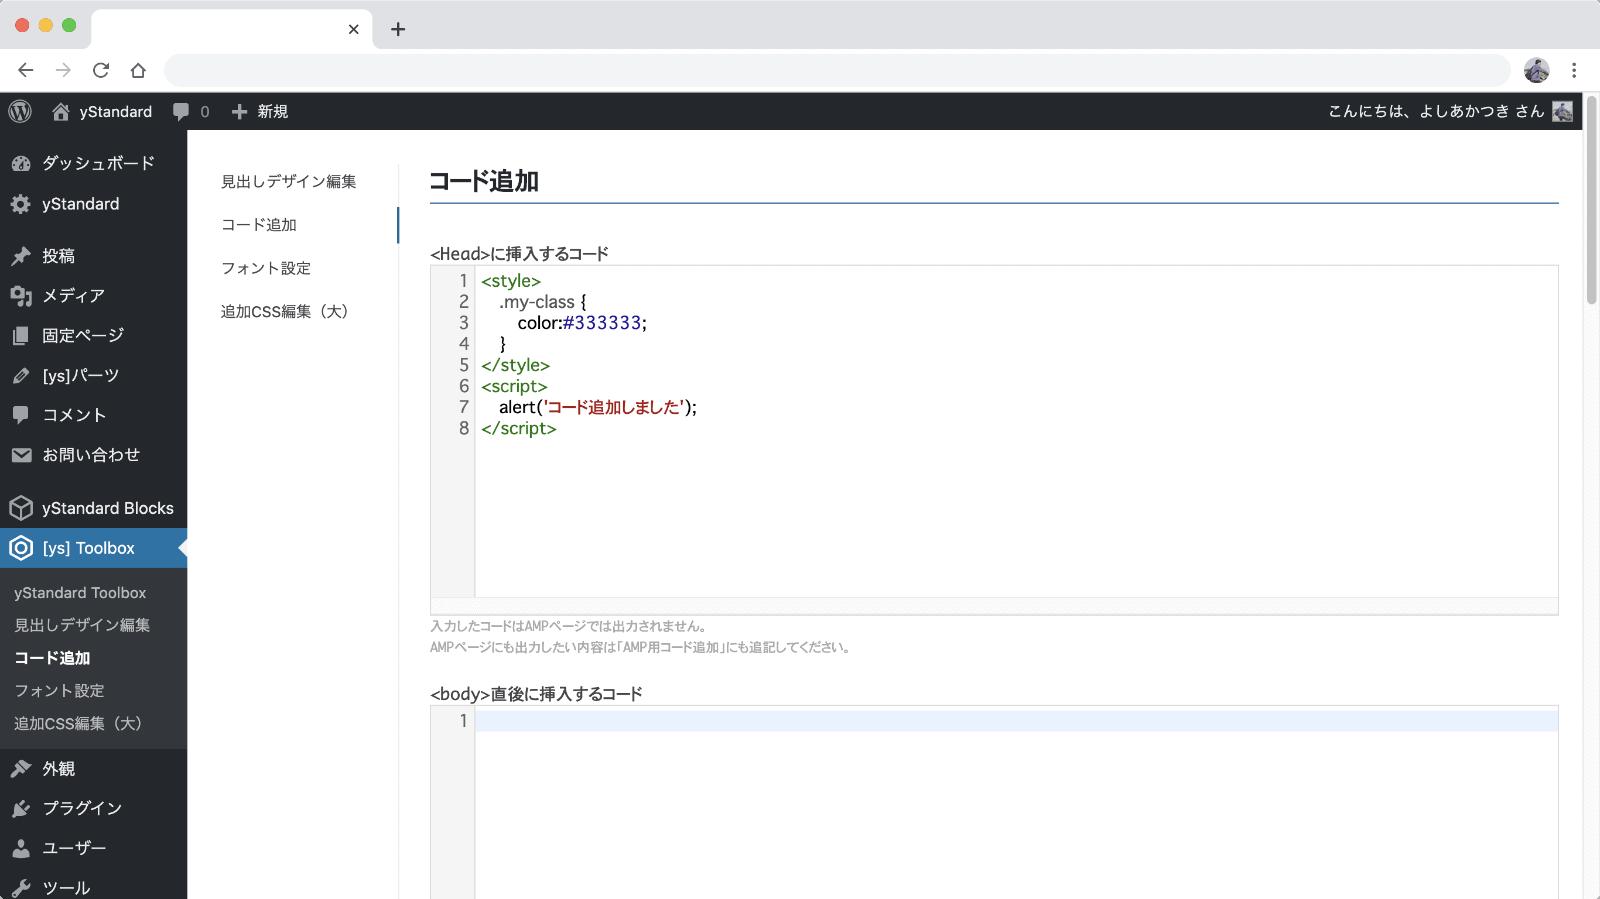 CSSやJavaScriptを追加する場合のサンプル